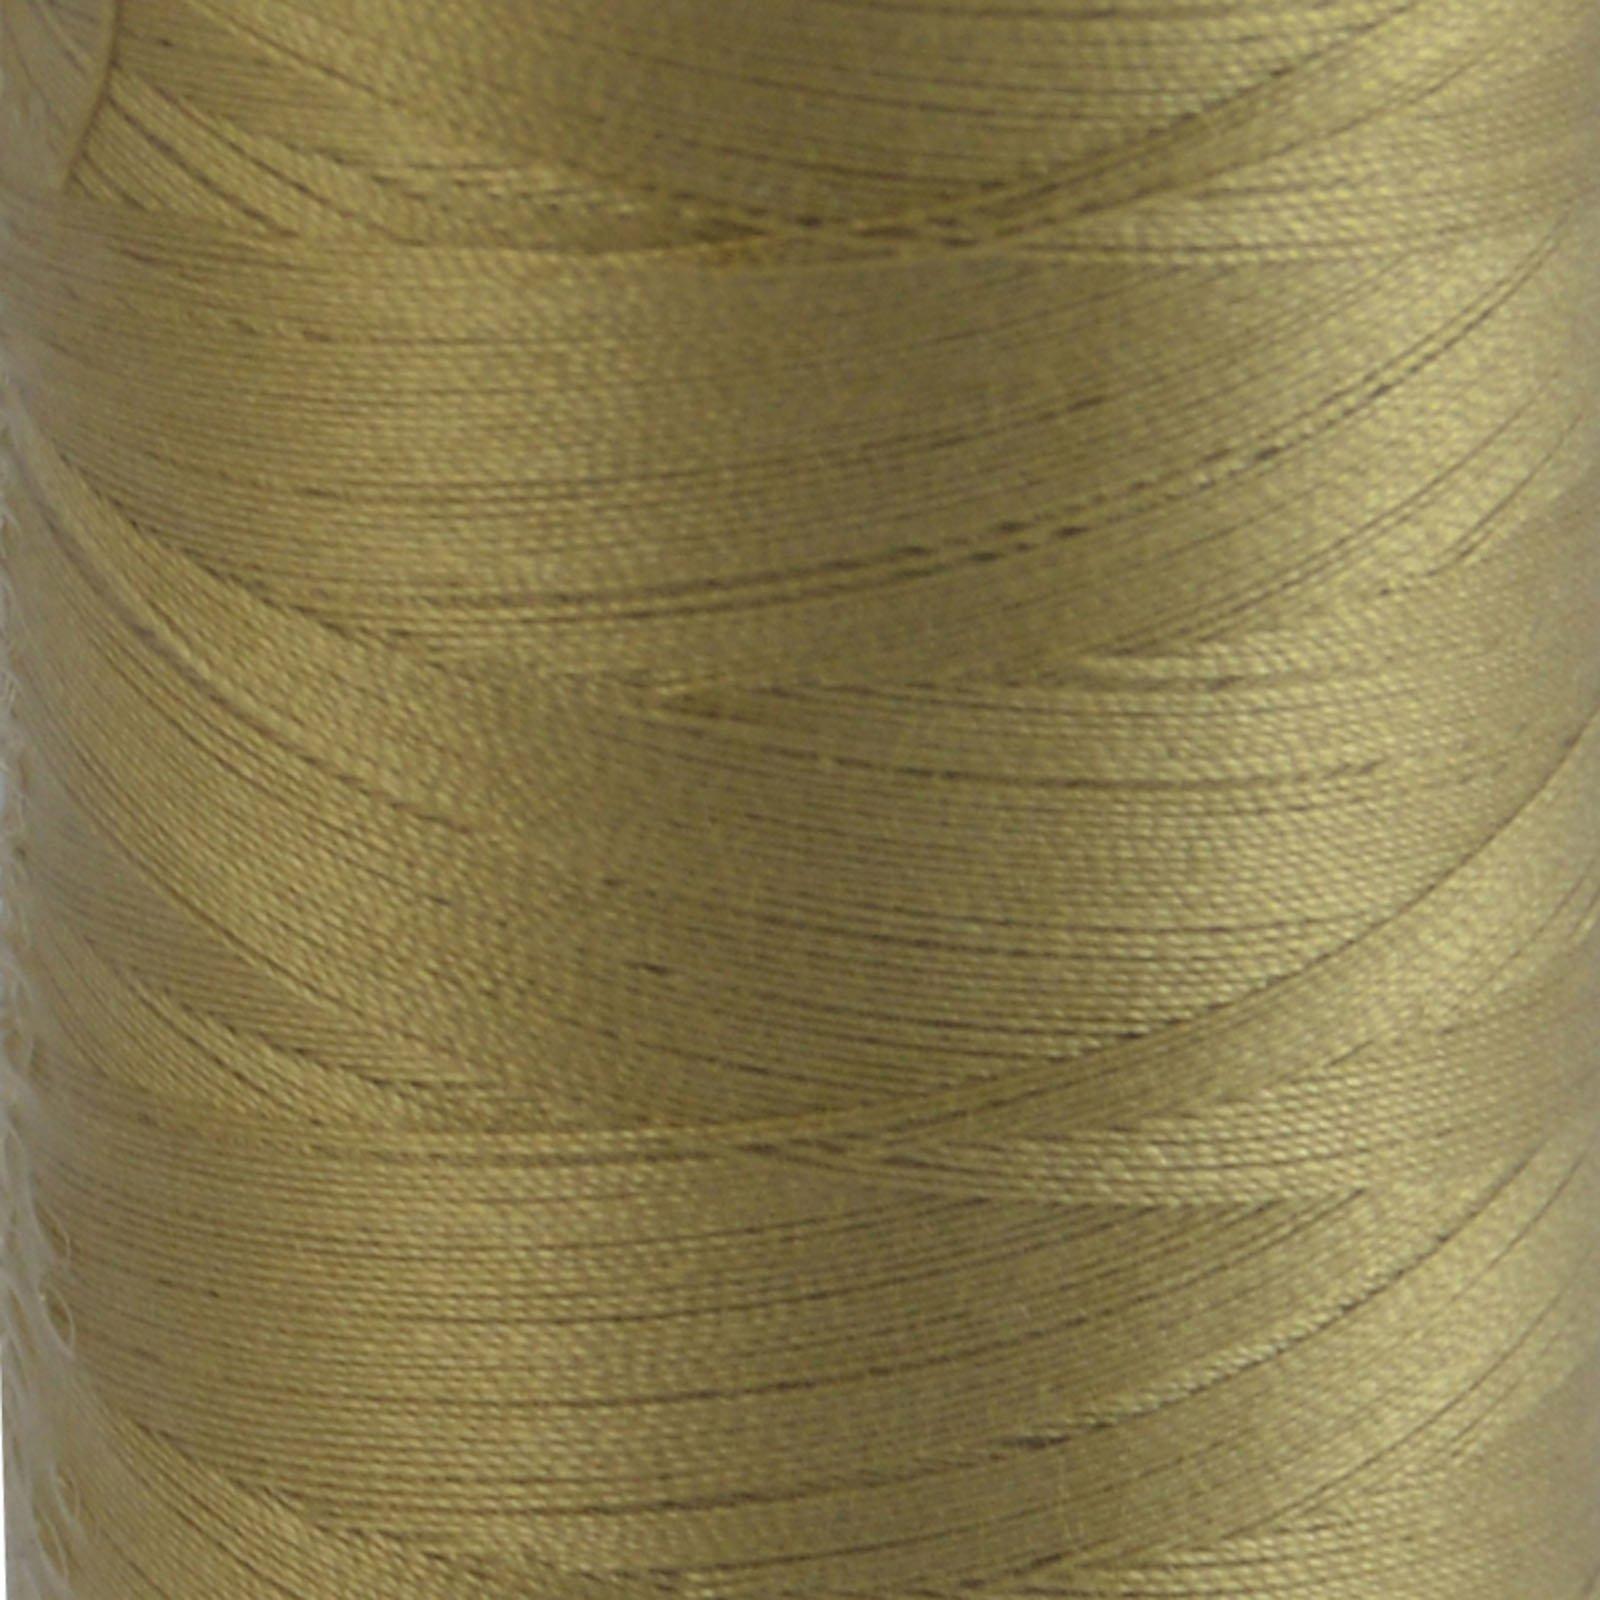 # 5010 Blond Beige